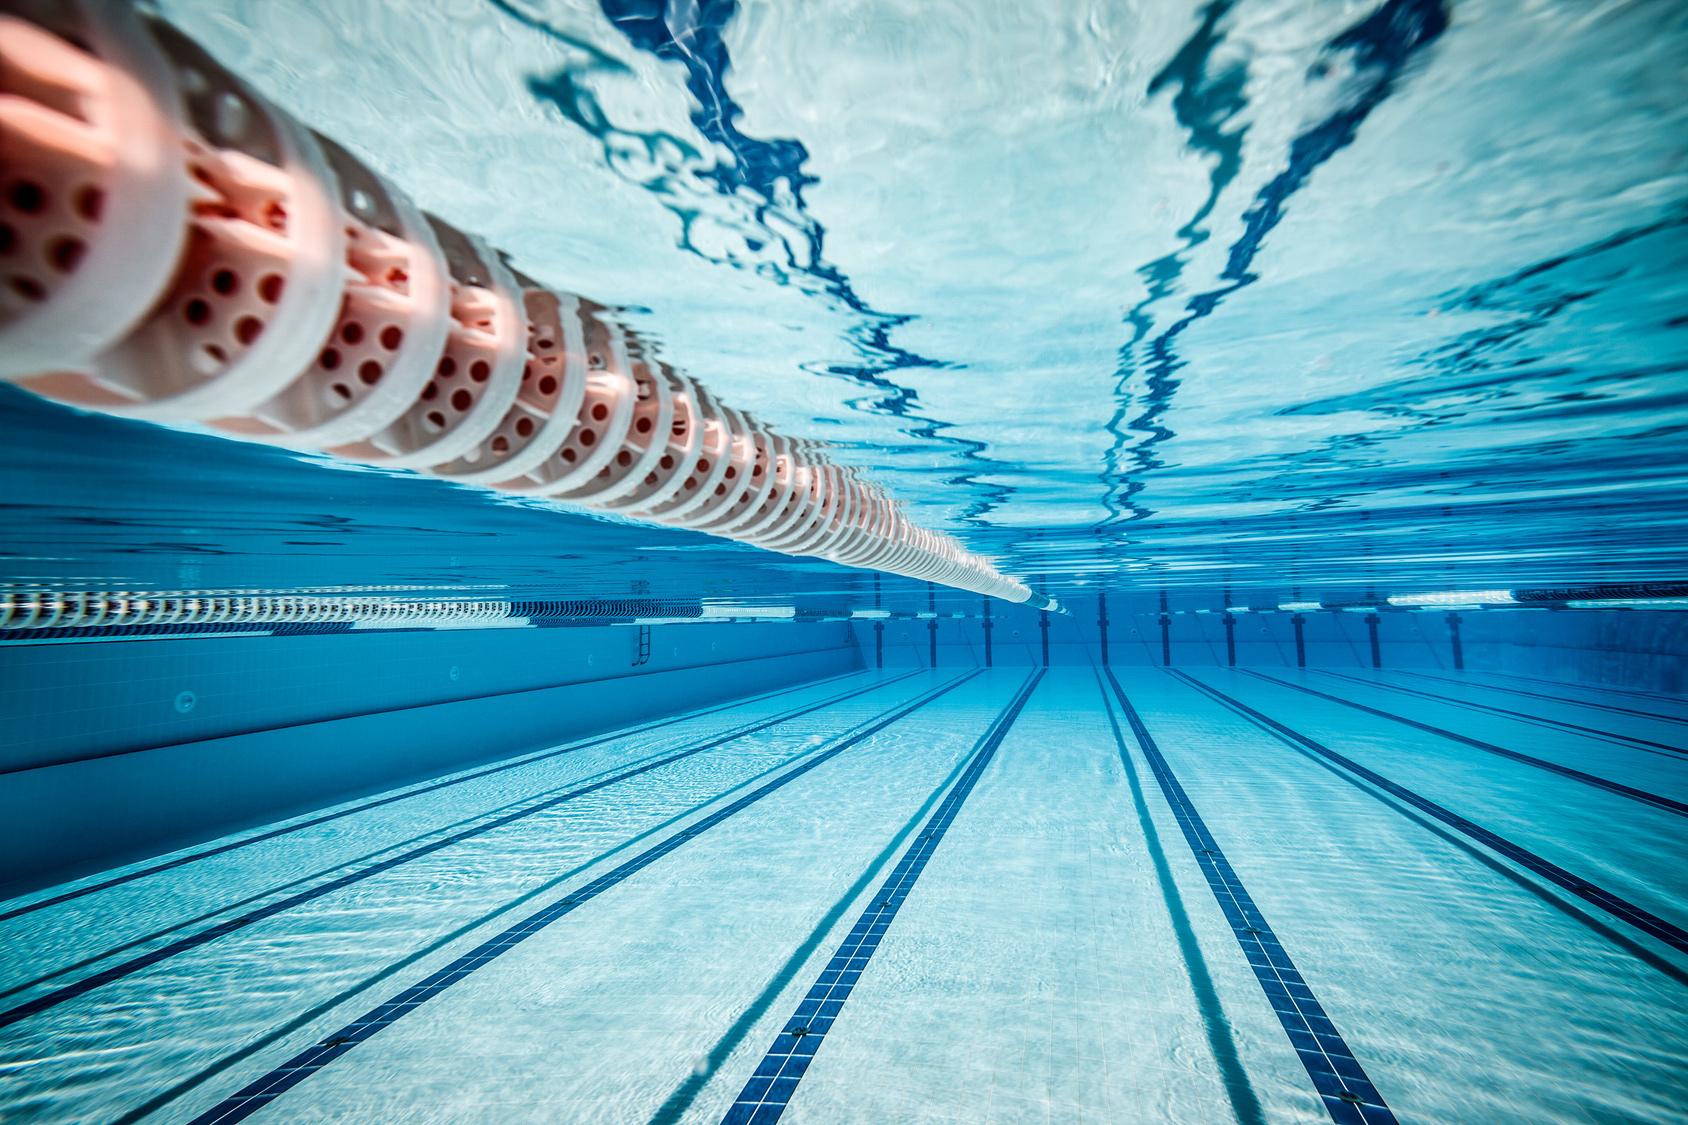 Comece a treinar natação hoje. Veja dicas para fazer exercícios na piscina do seu prédio